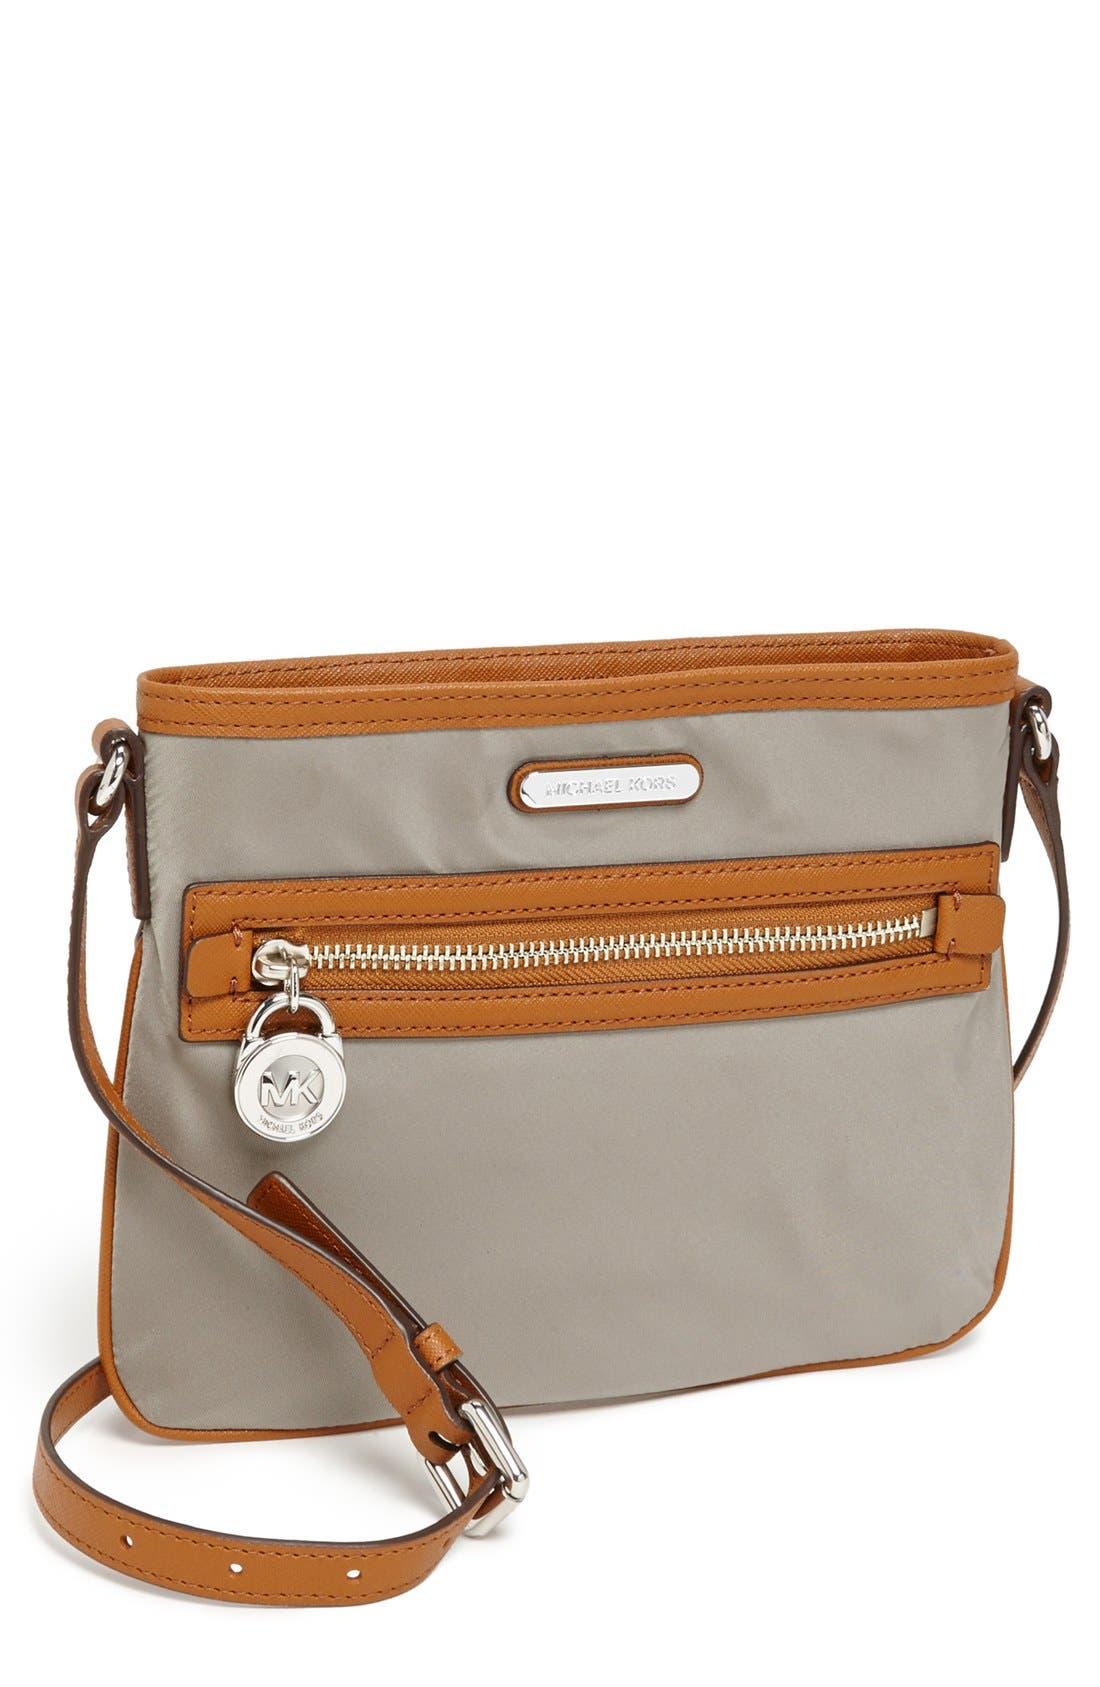 Main Image - MICHAEL Michael Kors 'Kempton' Crossbody Bag